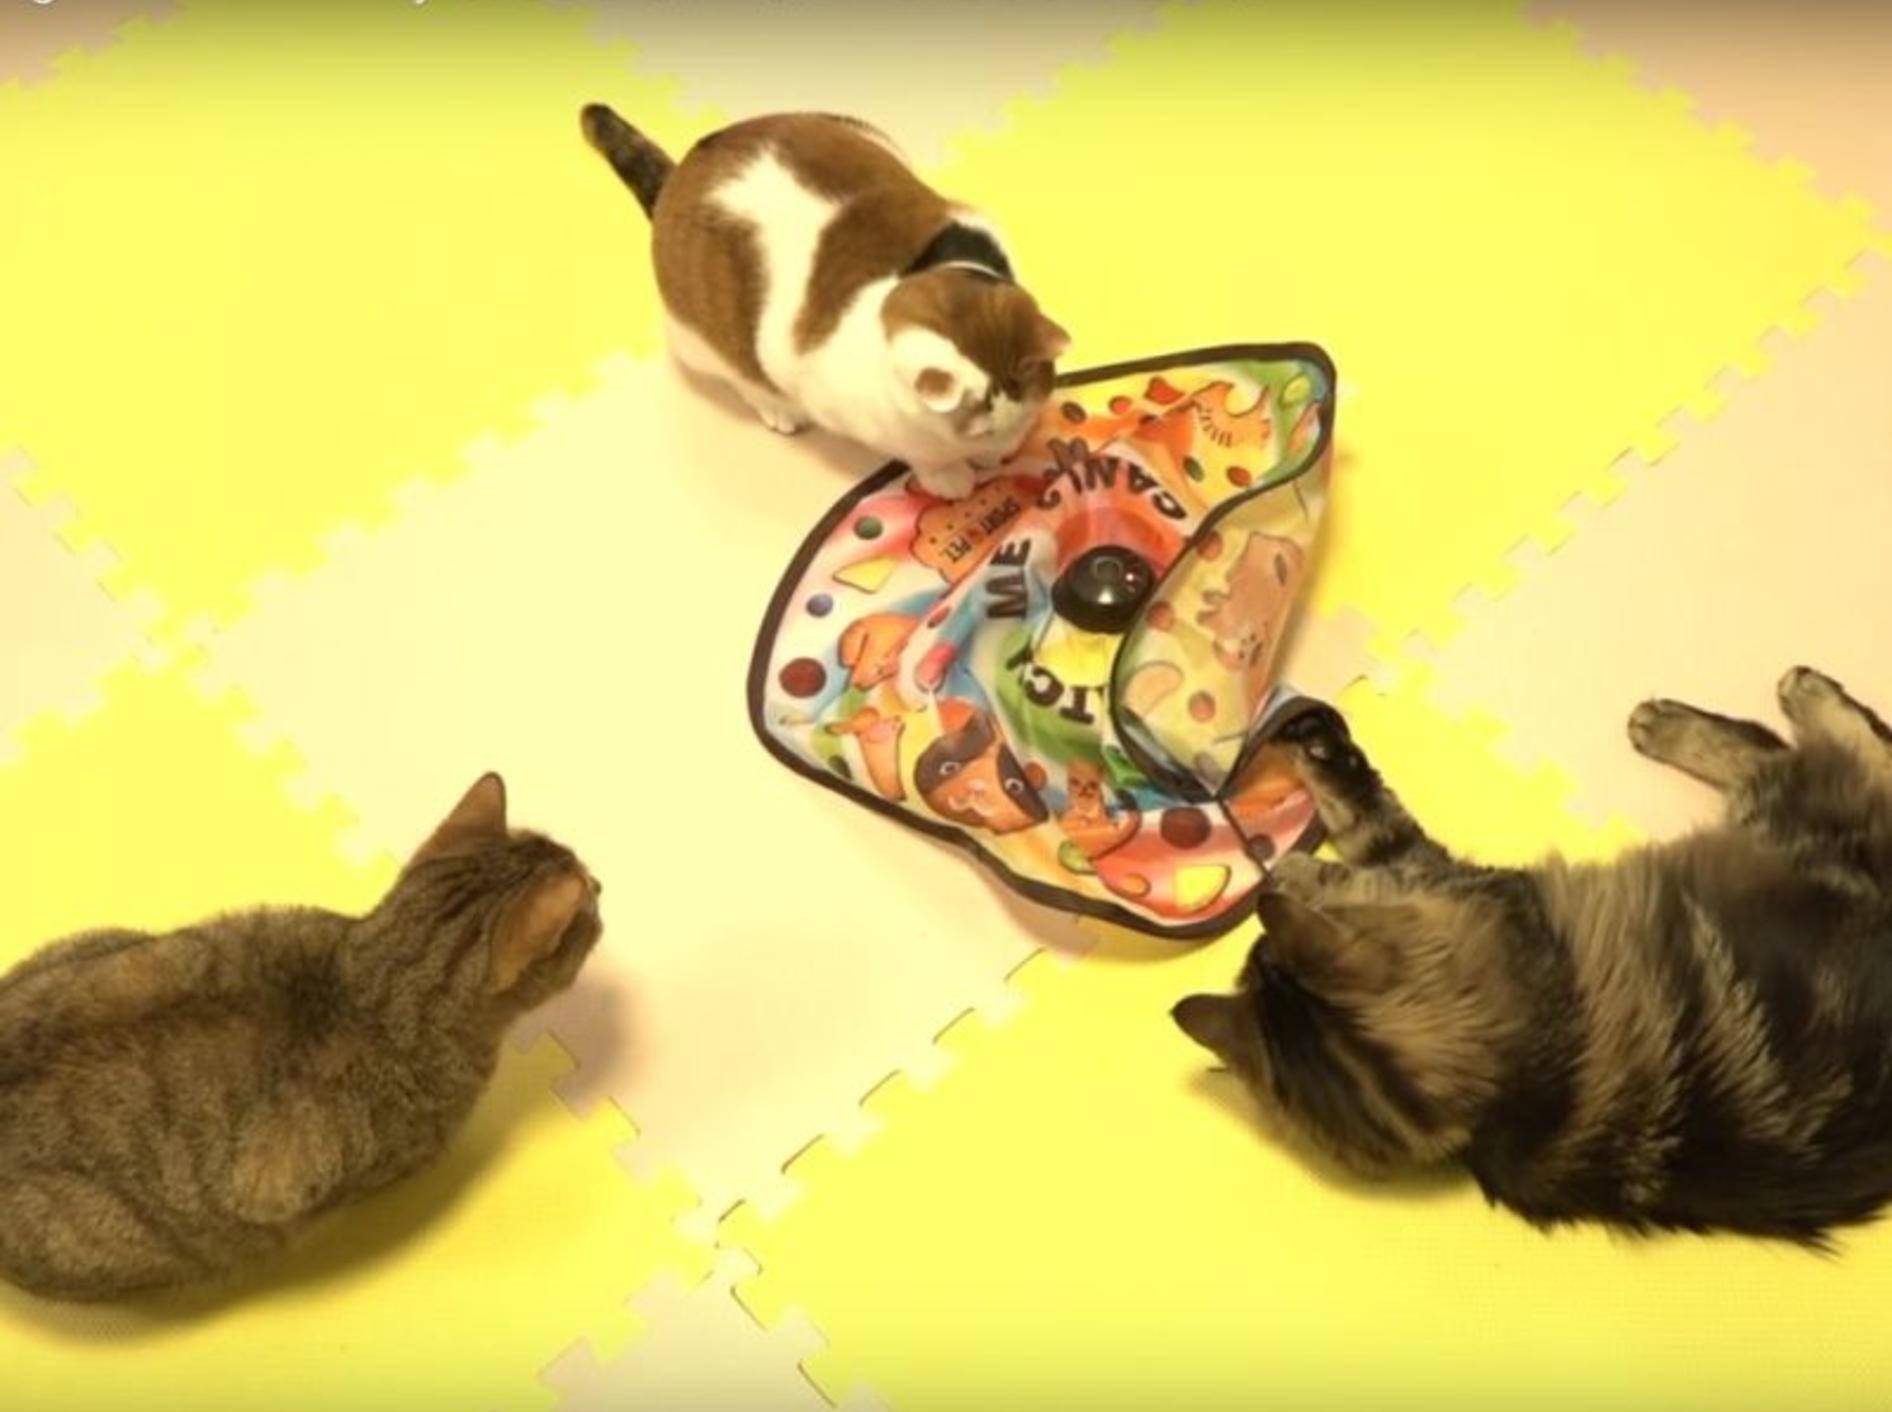 Zehn Katzen haben Spaß mit neuem Spielzeug – YouTube / 10 Cats.